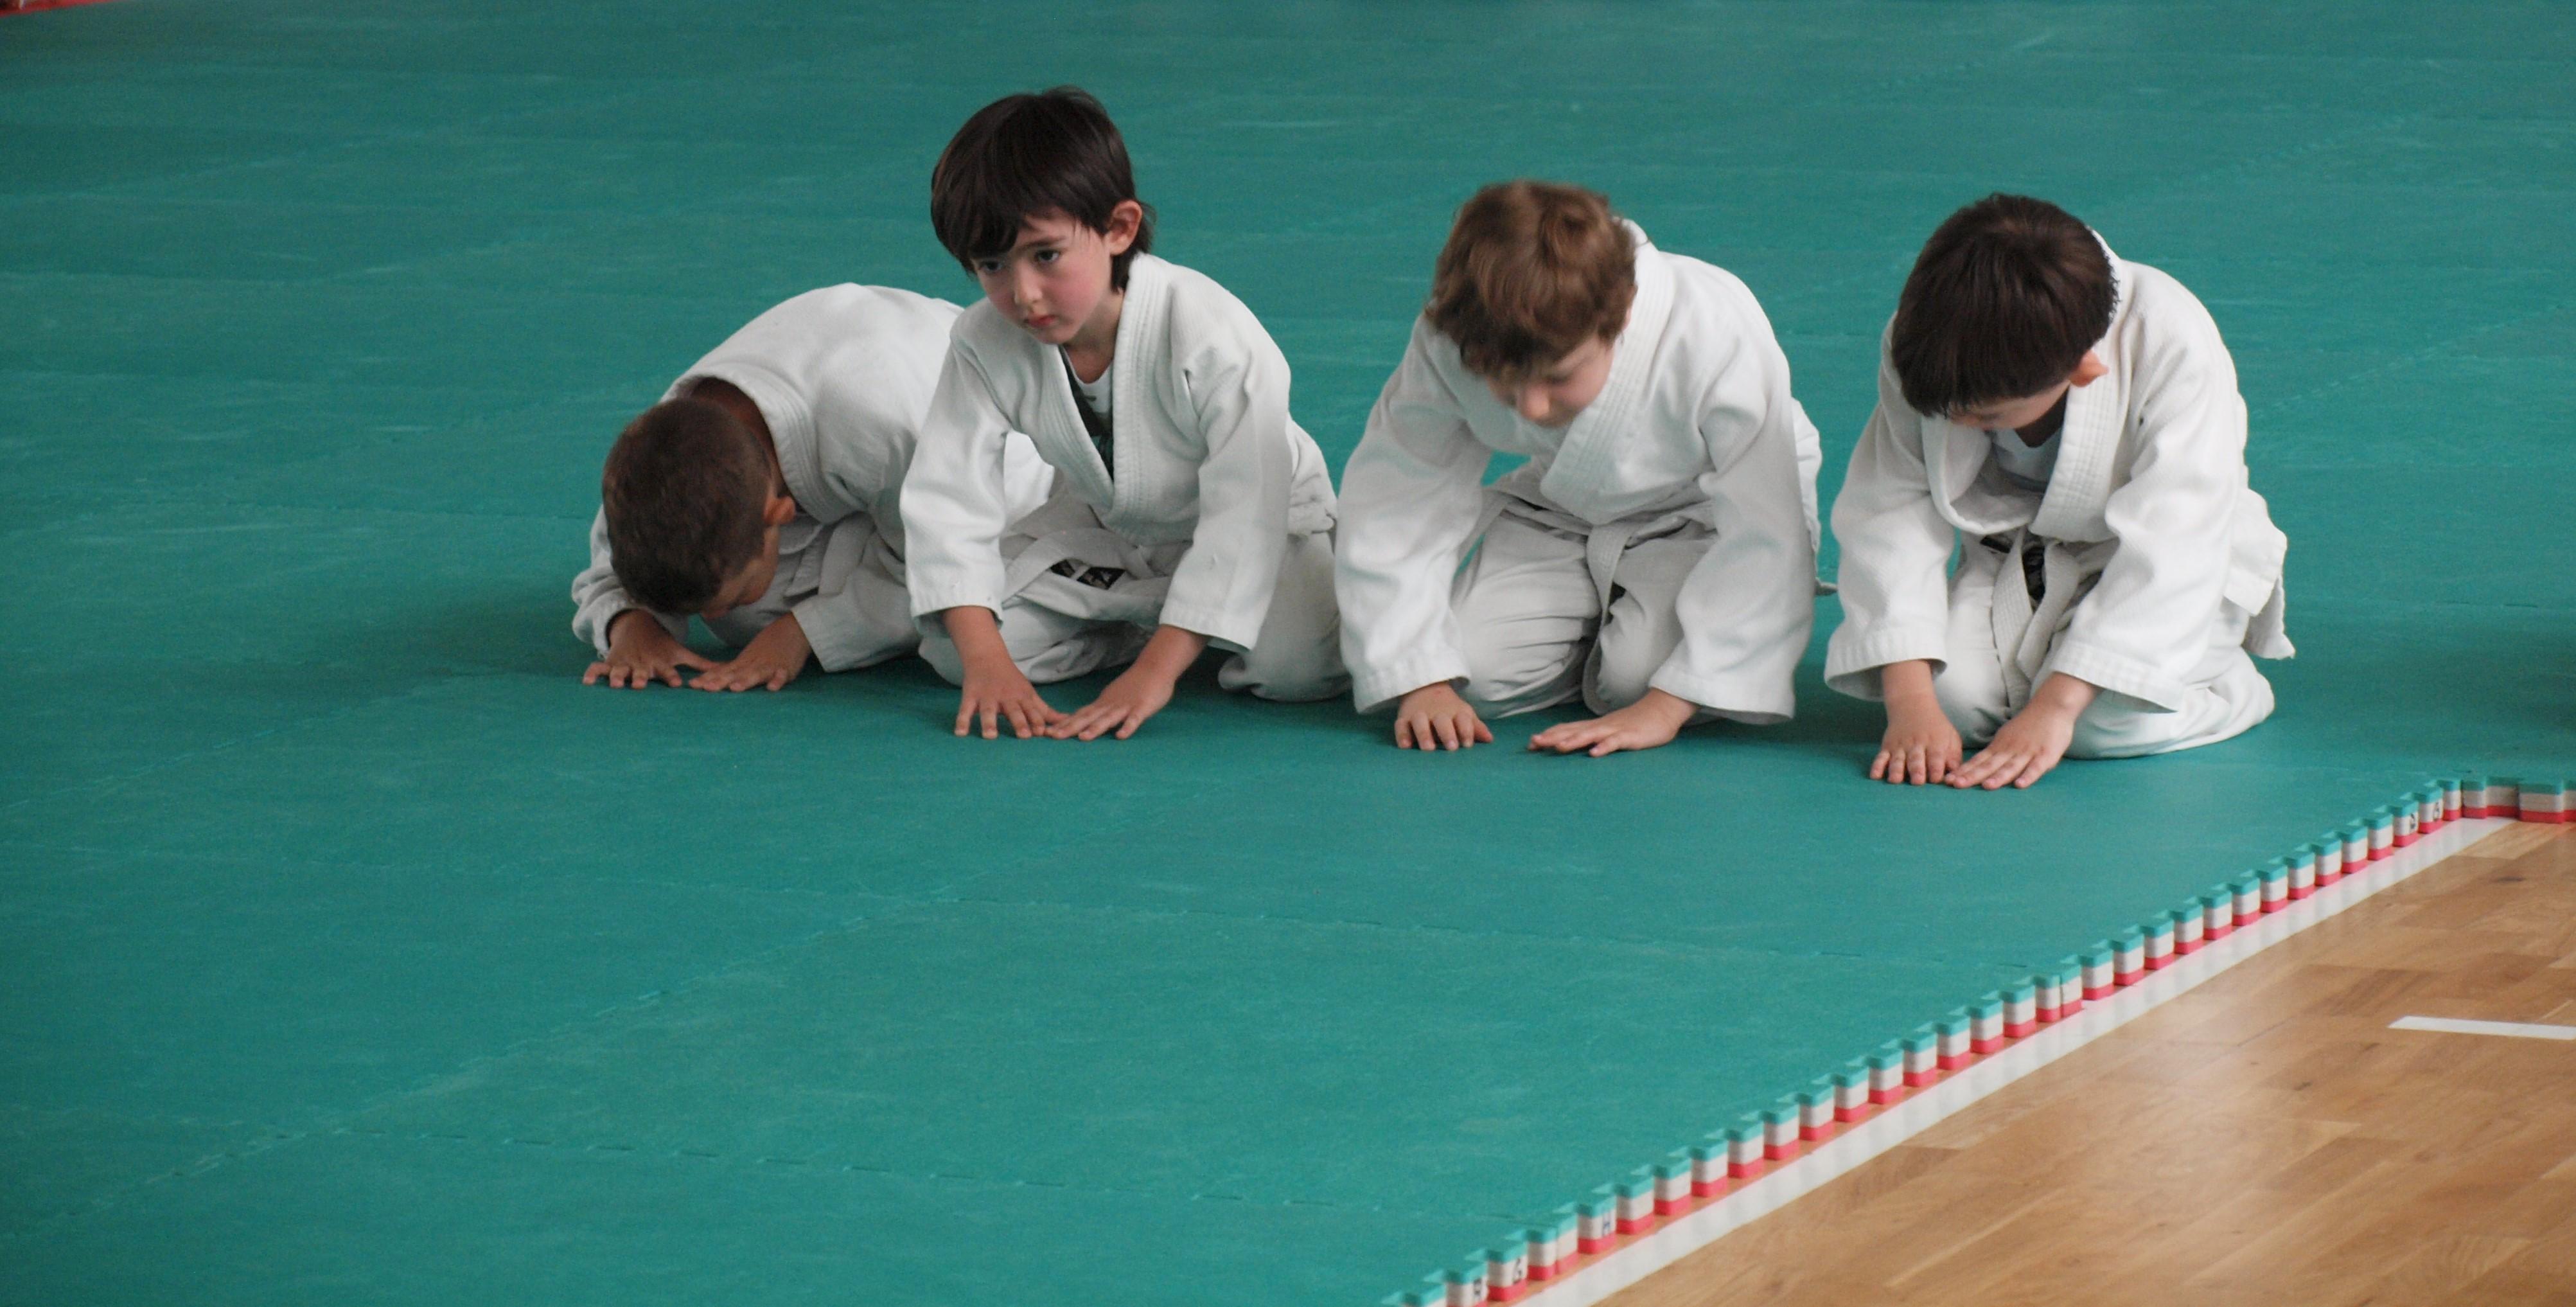 esami Aikido_1° corso (125)